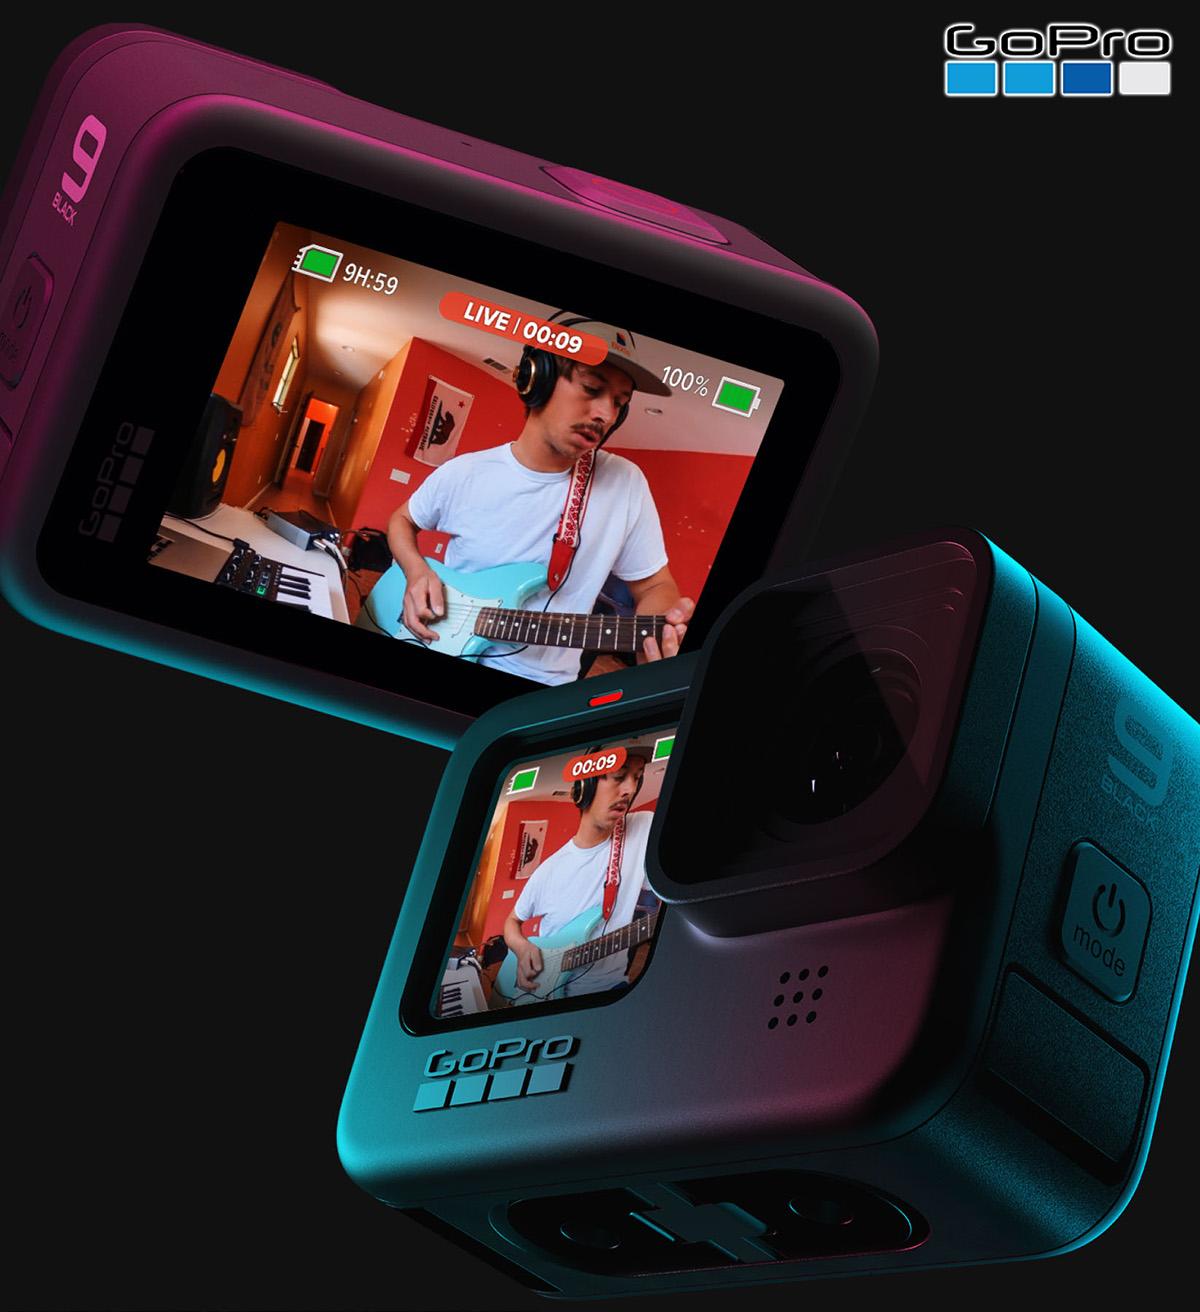 La GoPro HERO9 Black mostra sullo schermo un video in streaming